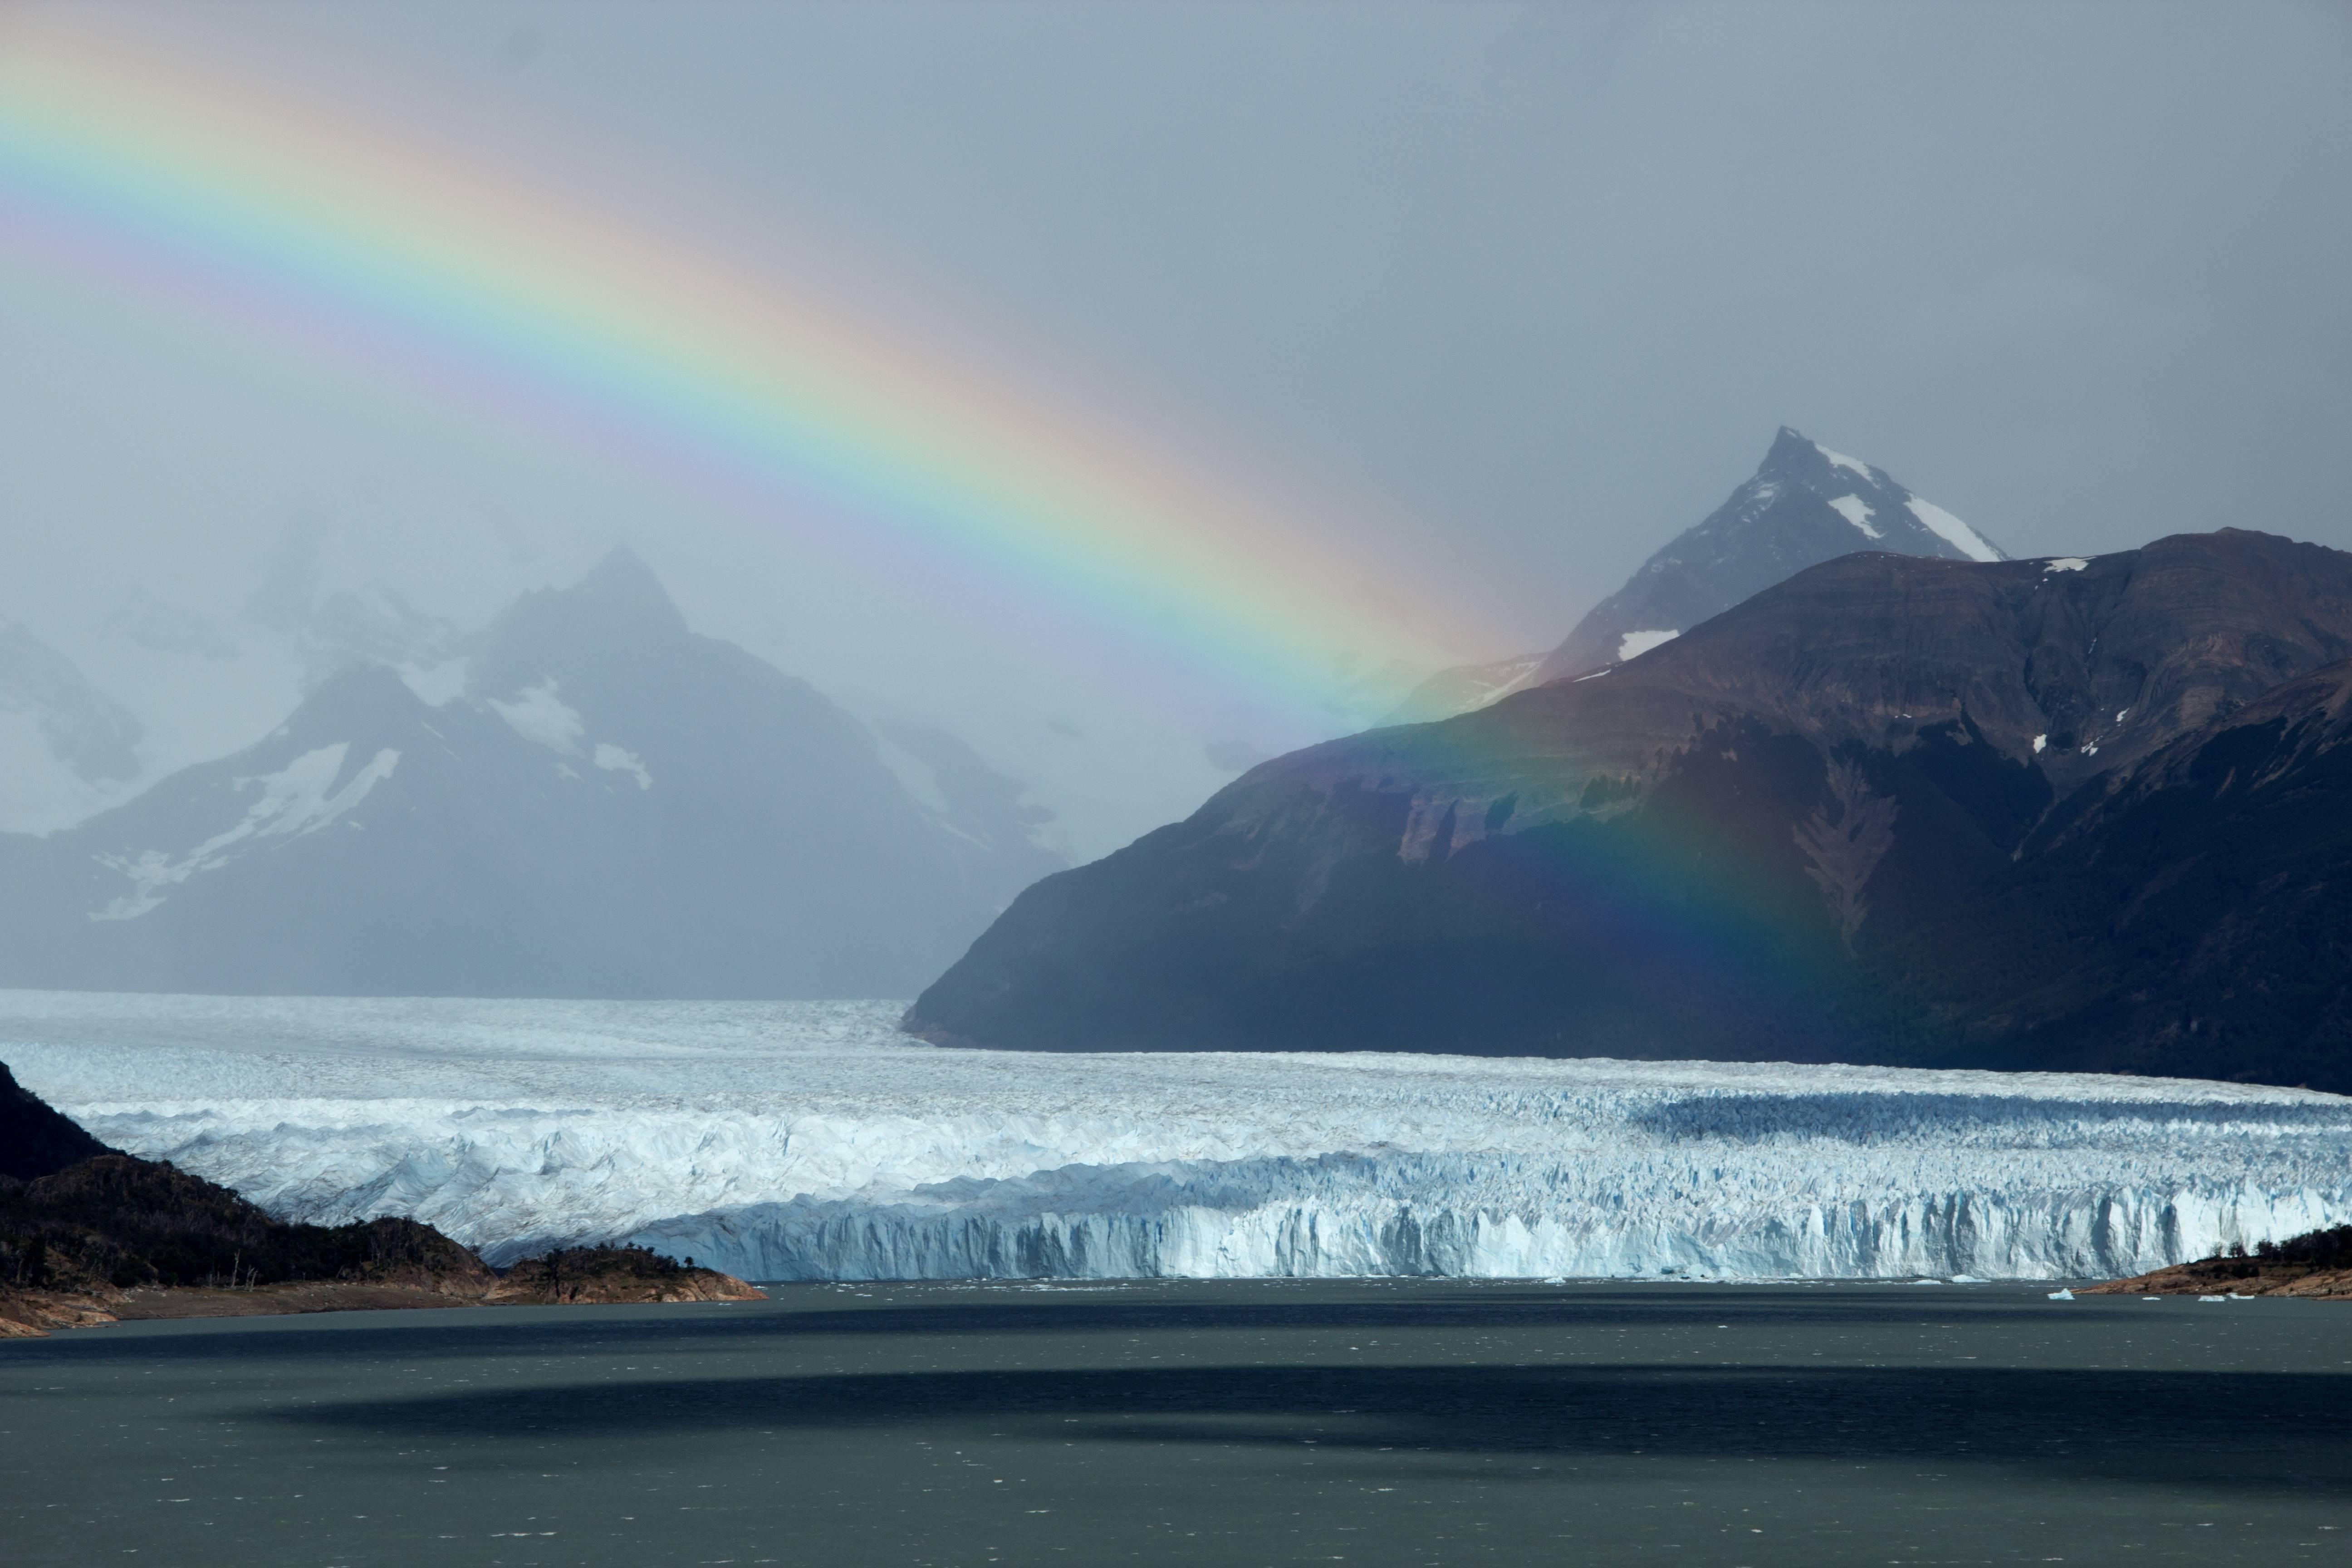 Photo 1: Le Perito Moreno - Un des plus beau glacier